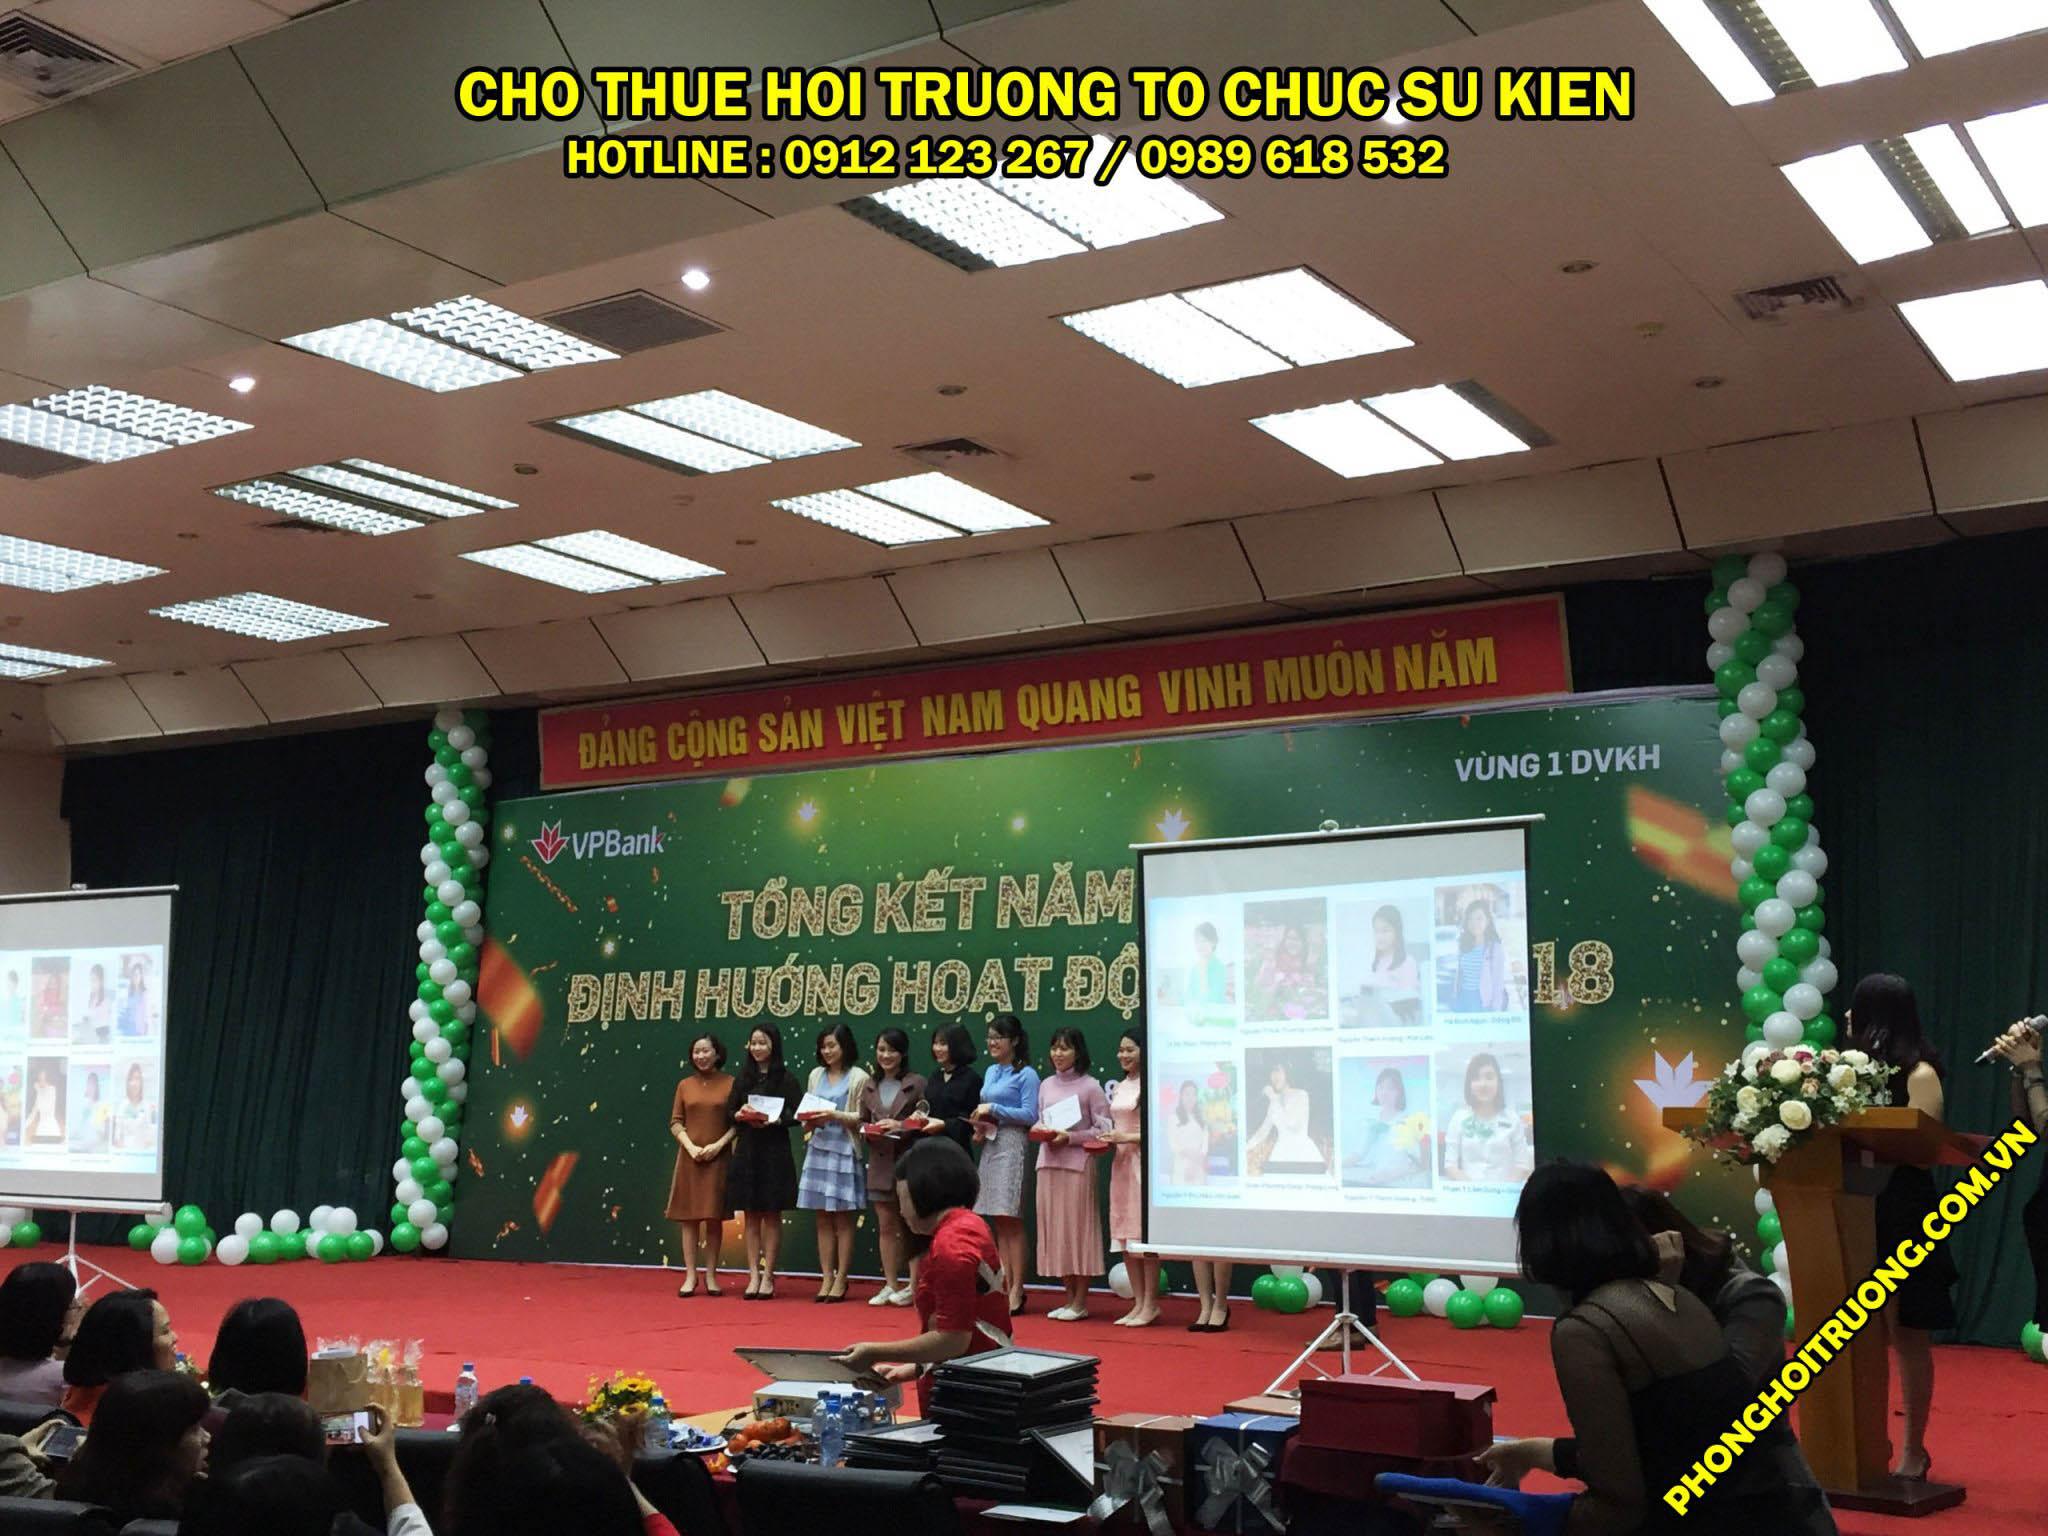 cho-thue-hoi-truong-500-cho